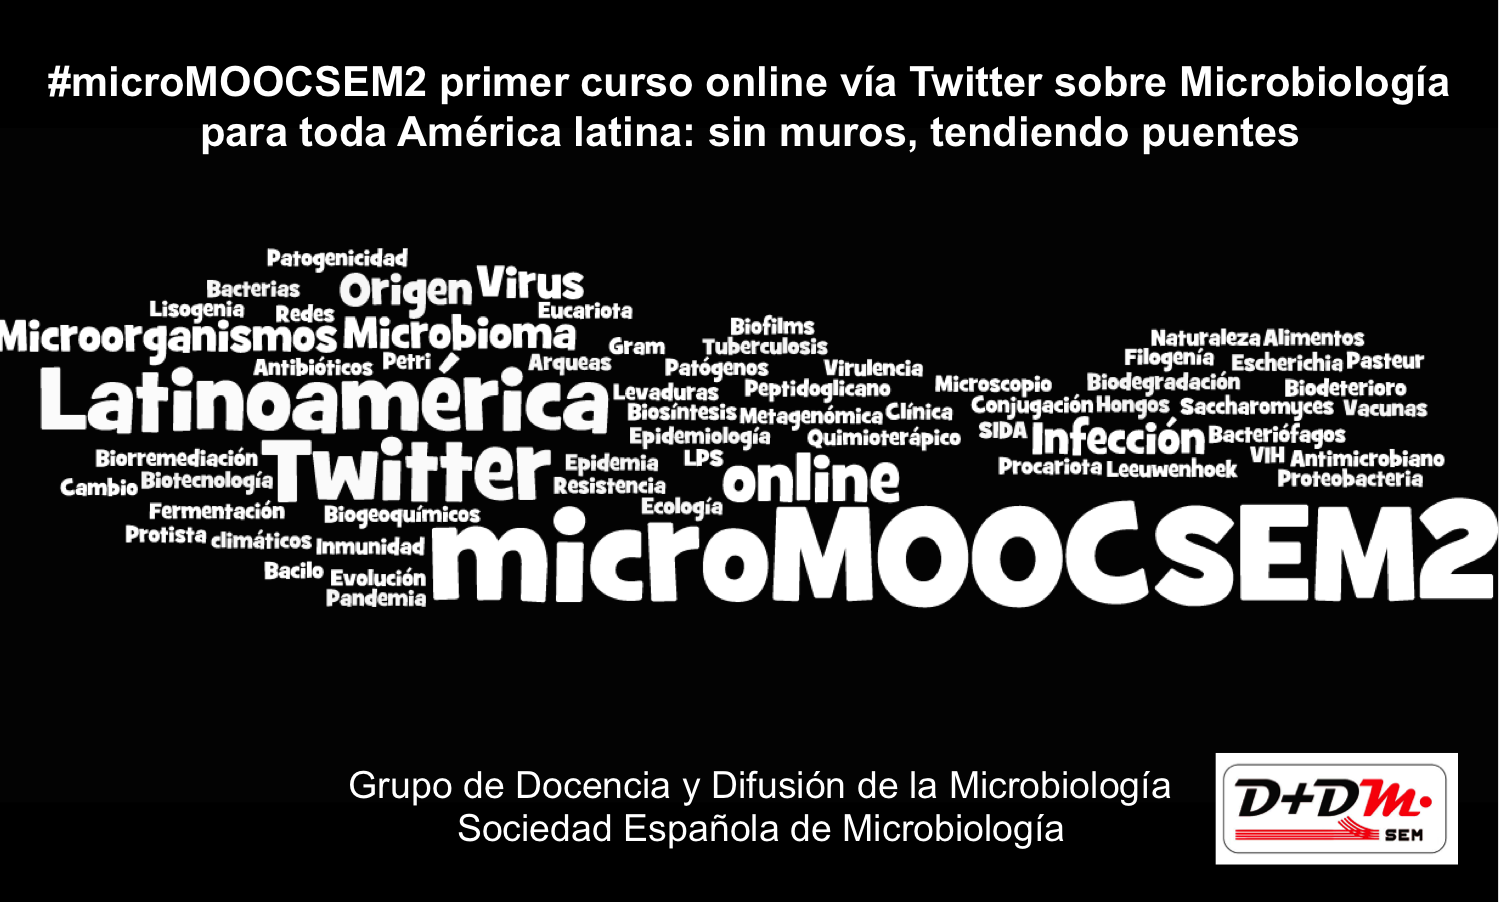 Comienza #microMOOCSEM2 el curso de microbiología vía Twitter y Facebook para España y América latina: rompiendo muros tendiendo puentes https://t.co/2wwpbIdrOo